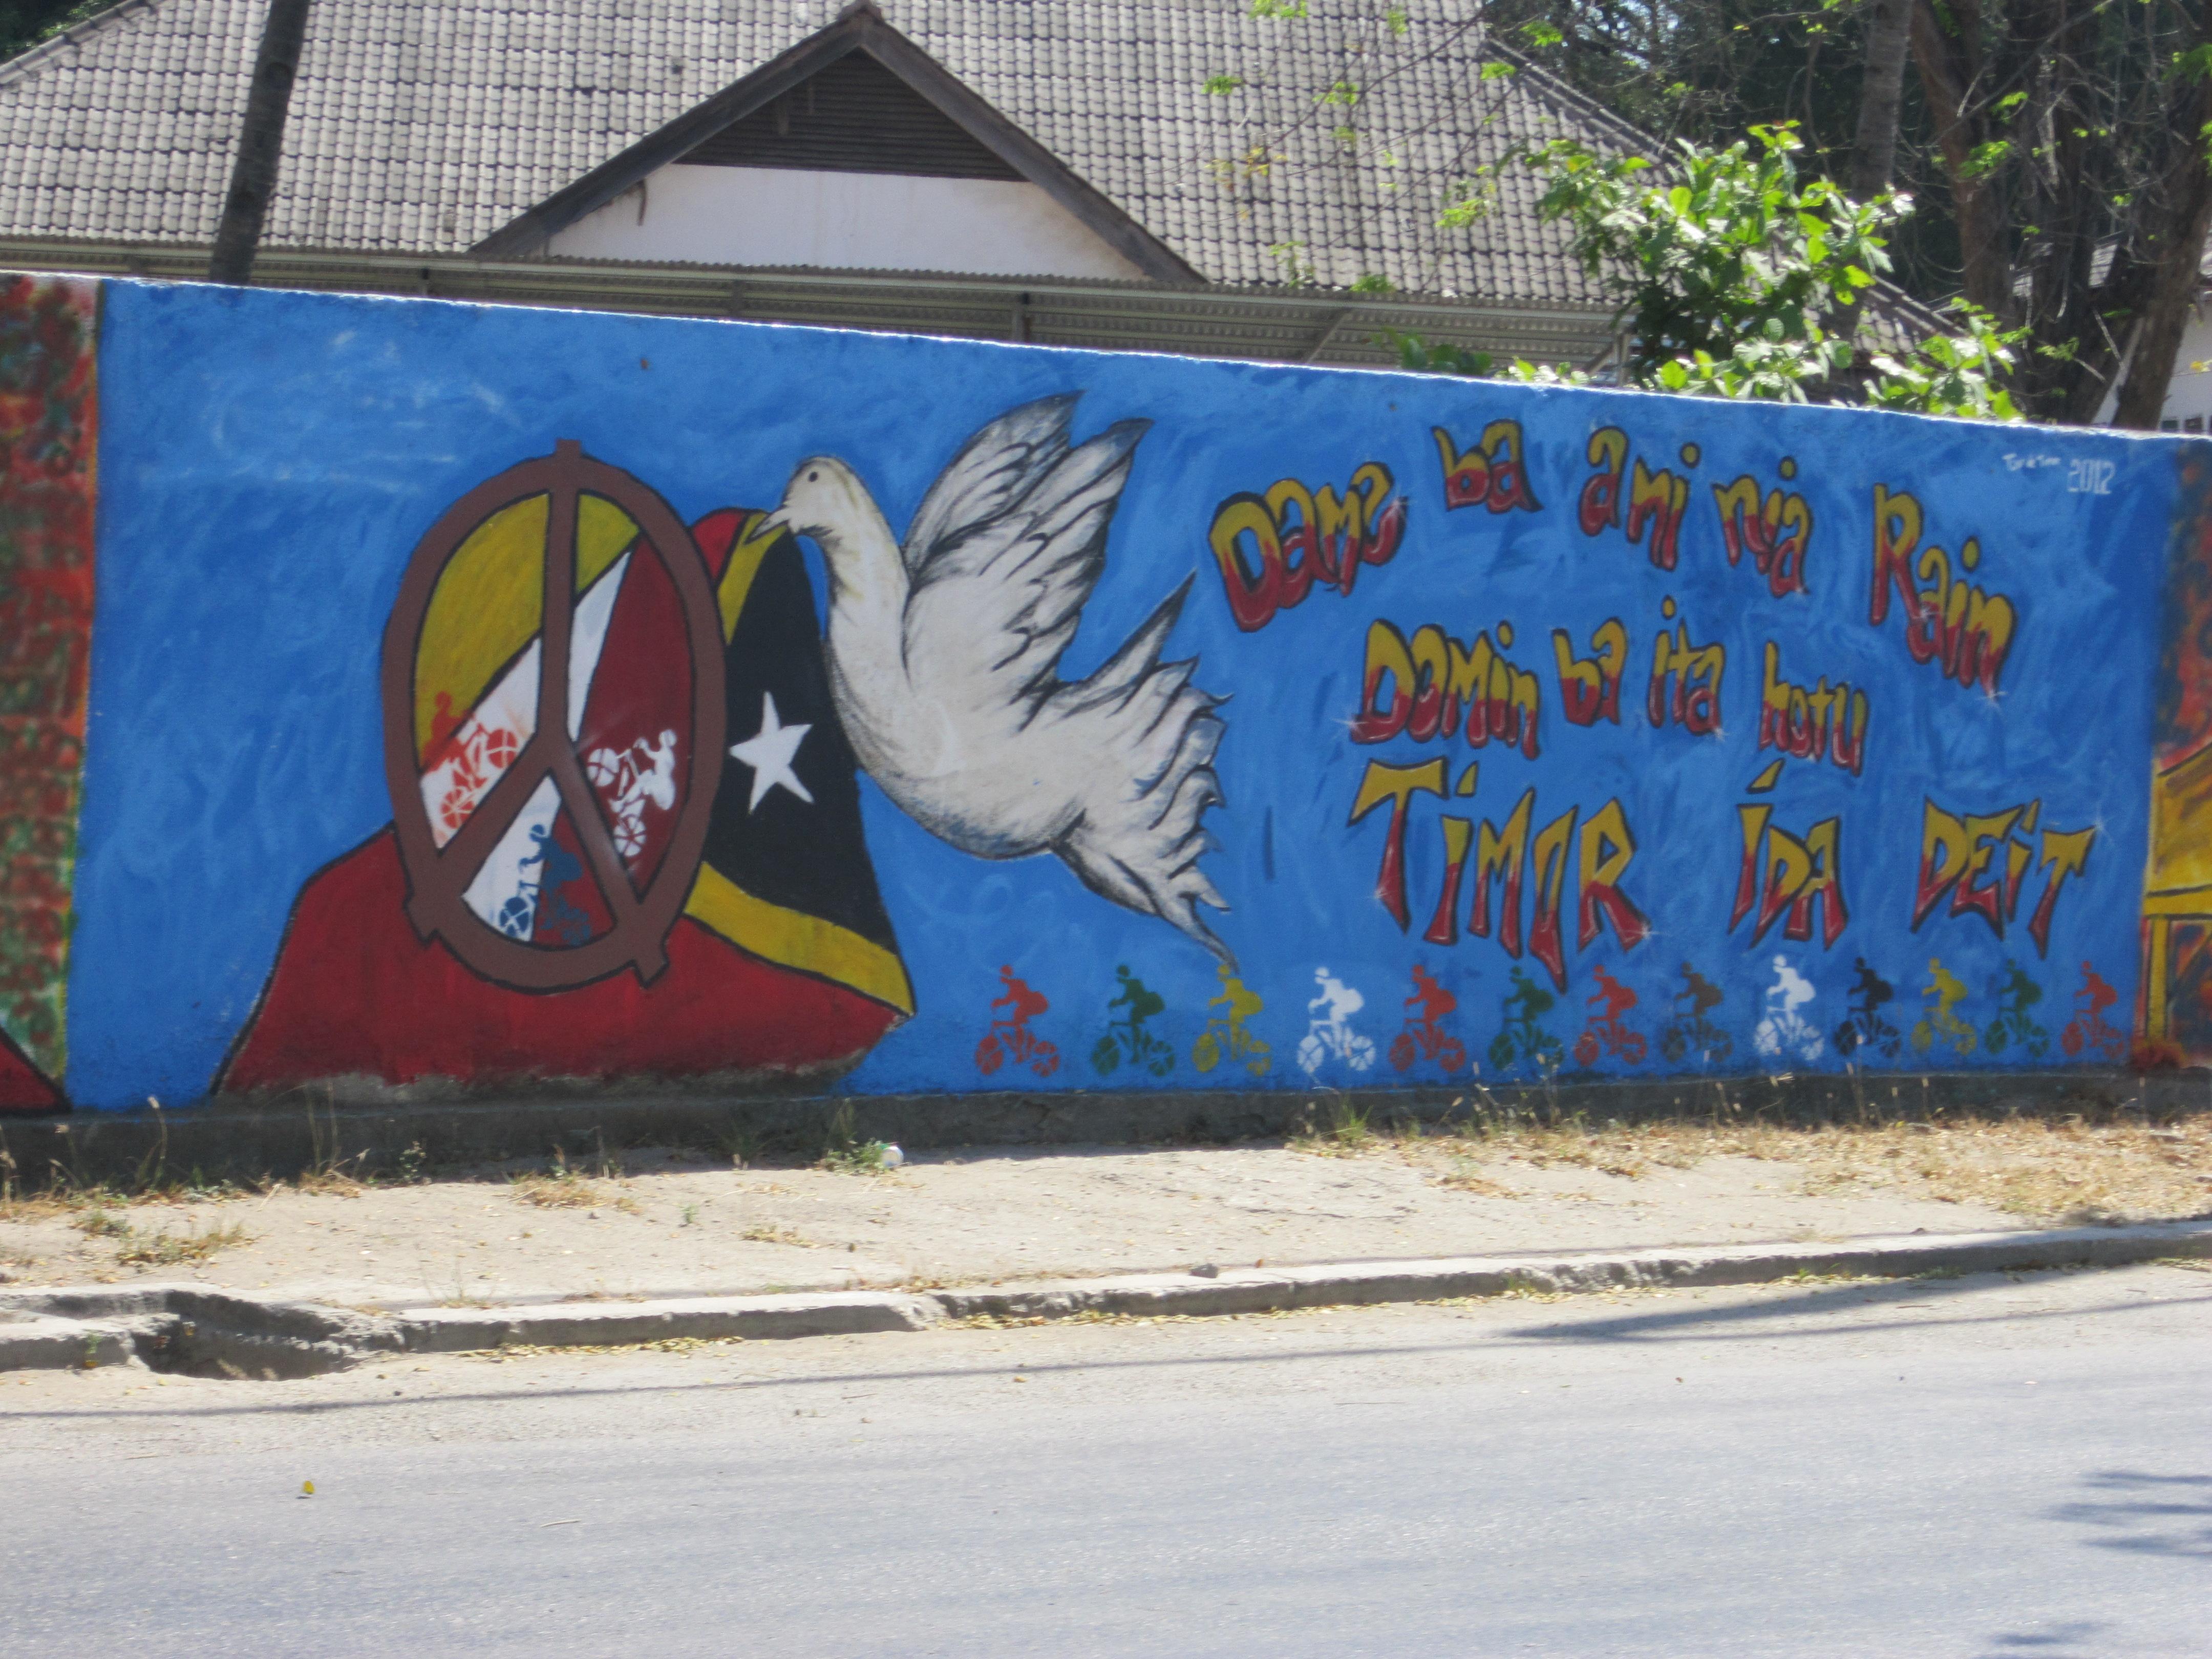 Graffiti Art Terminology Sofia Butella